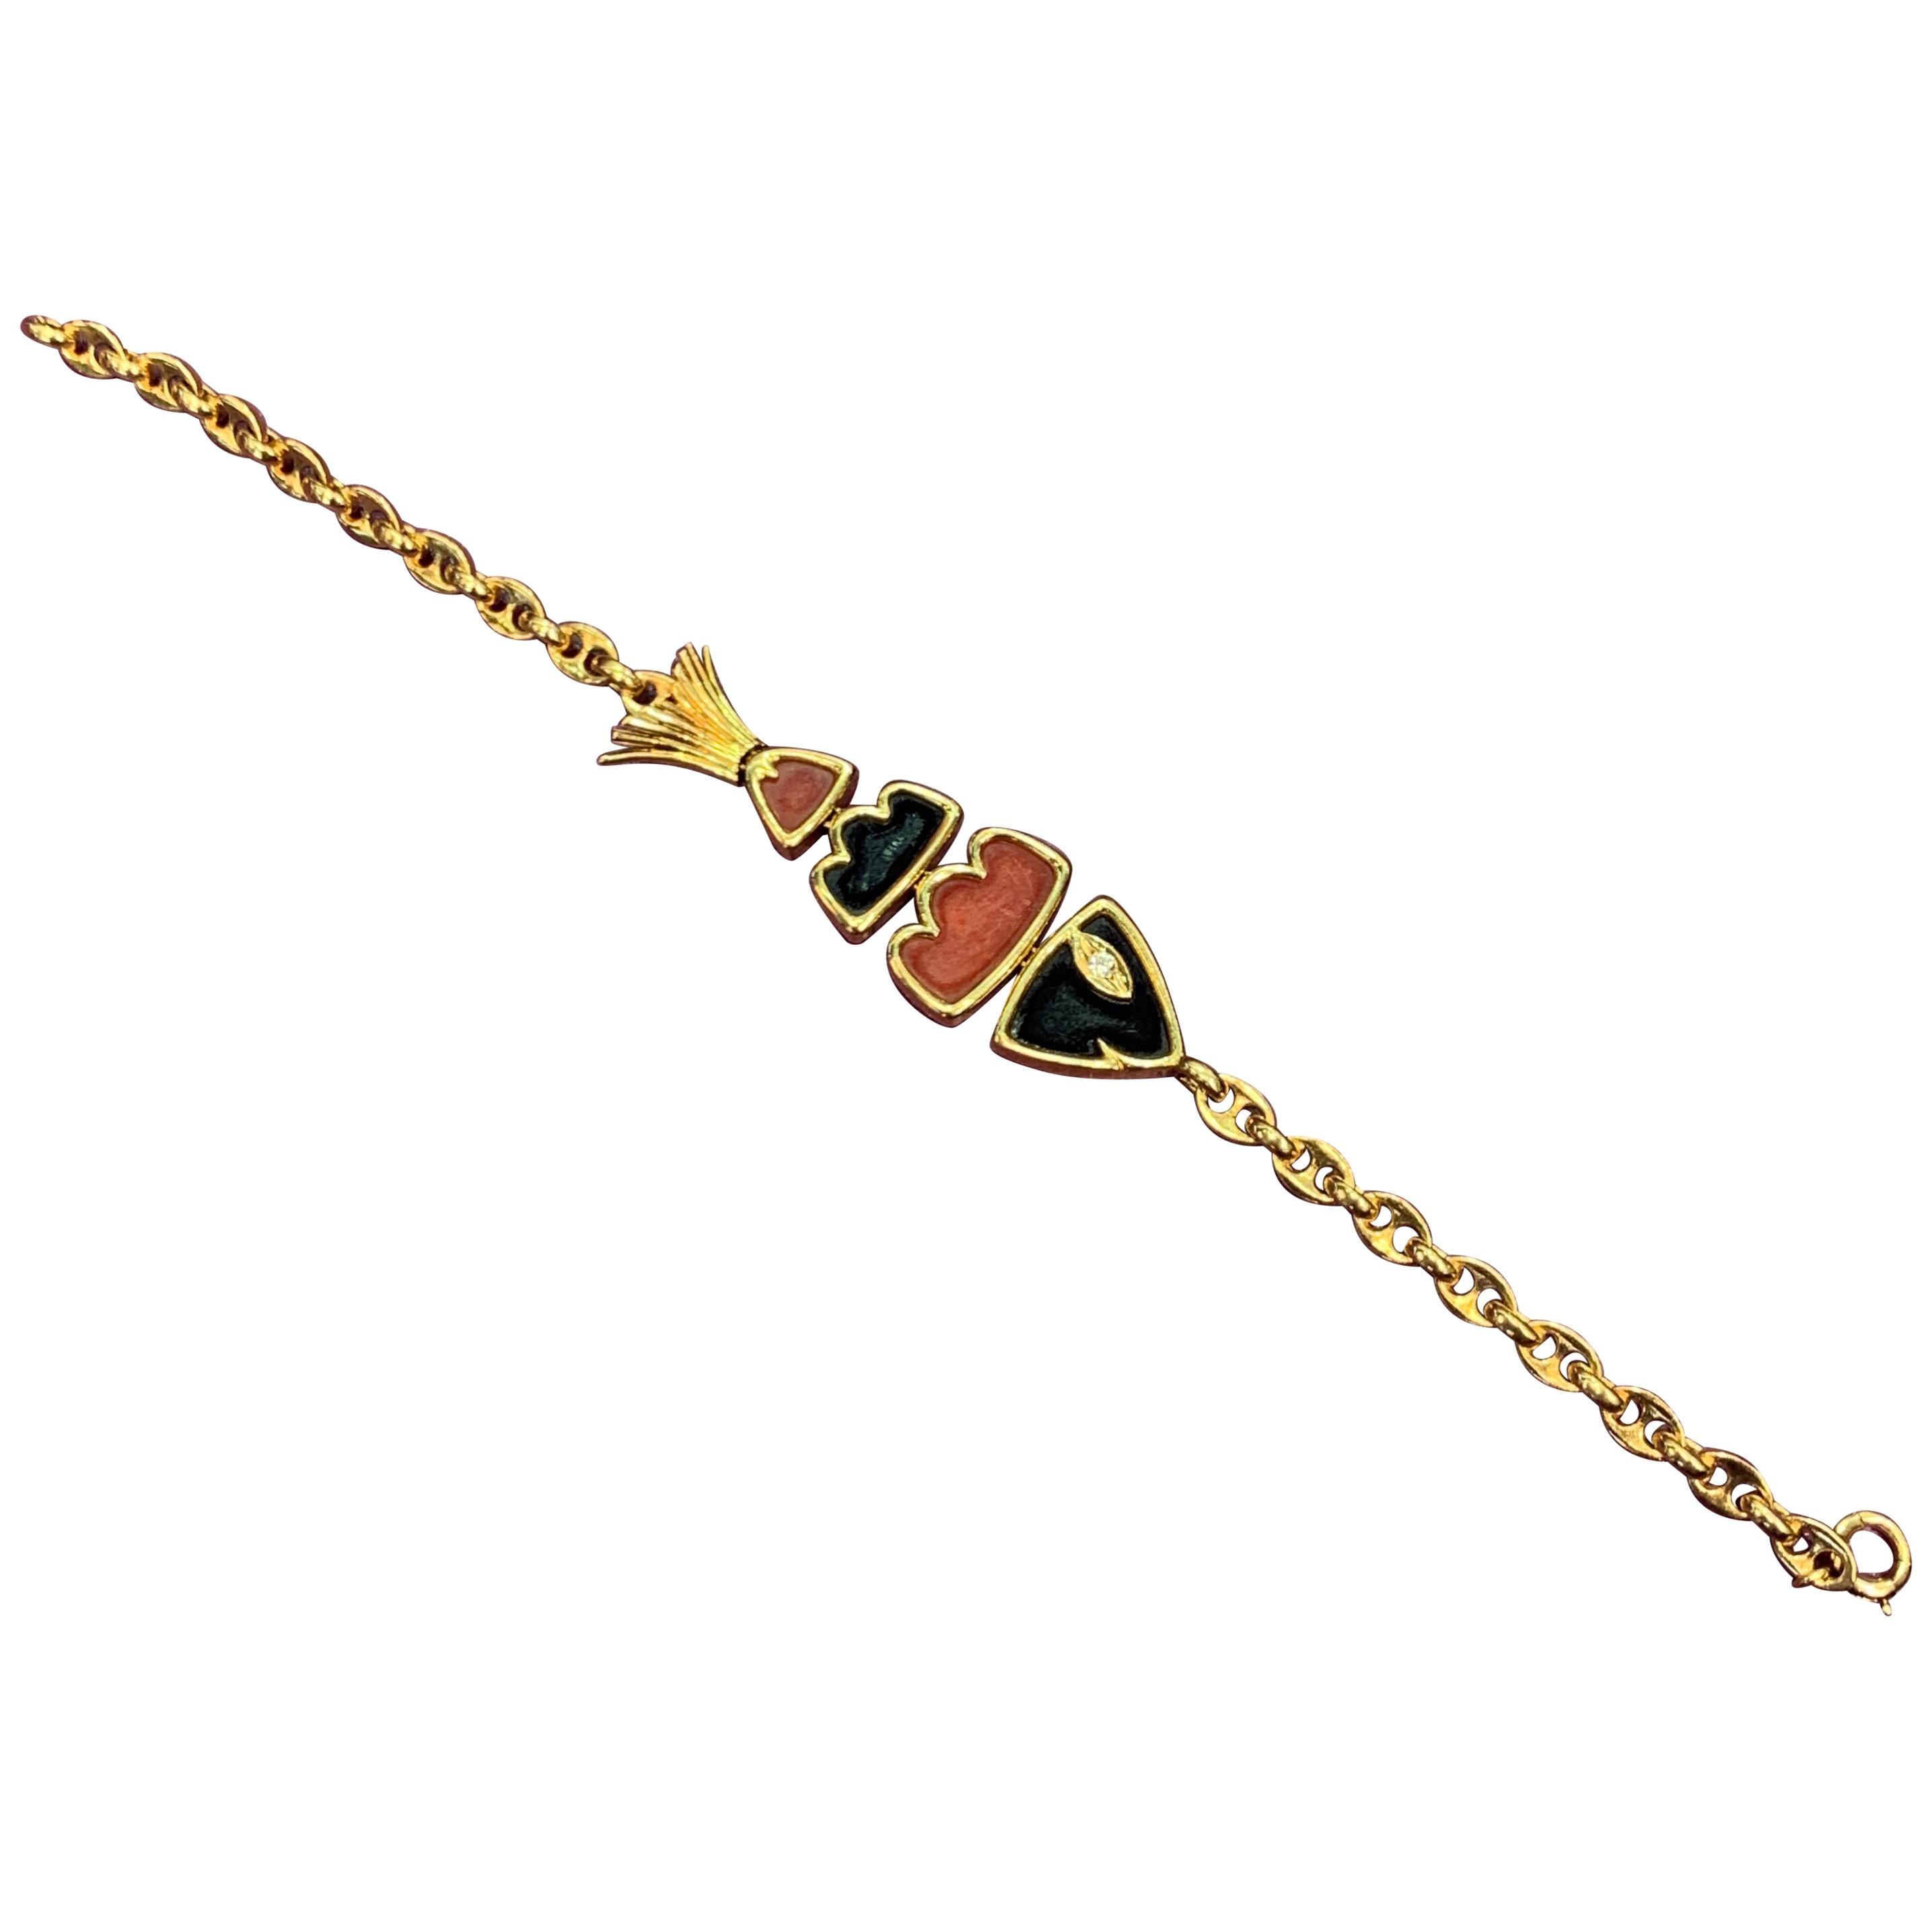 Van Cleef & Arpels Coral and Onyx Fish Bracelet